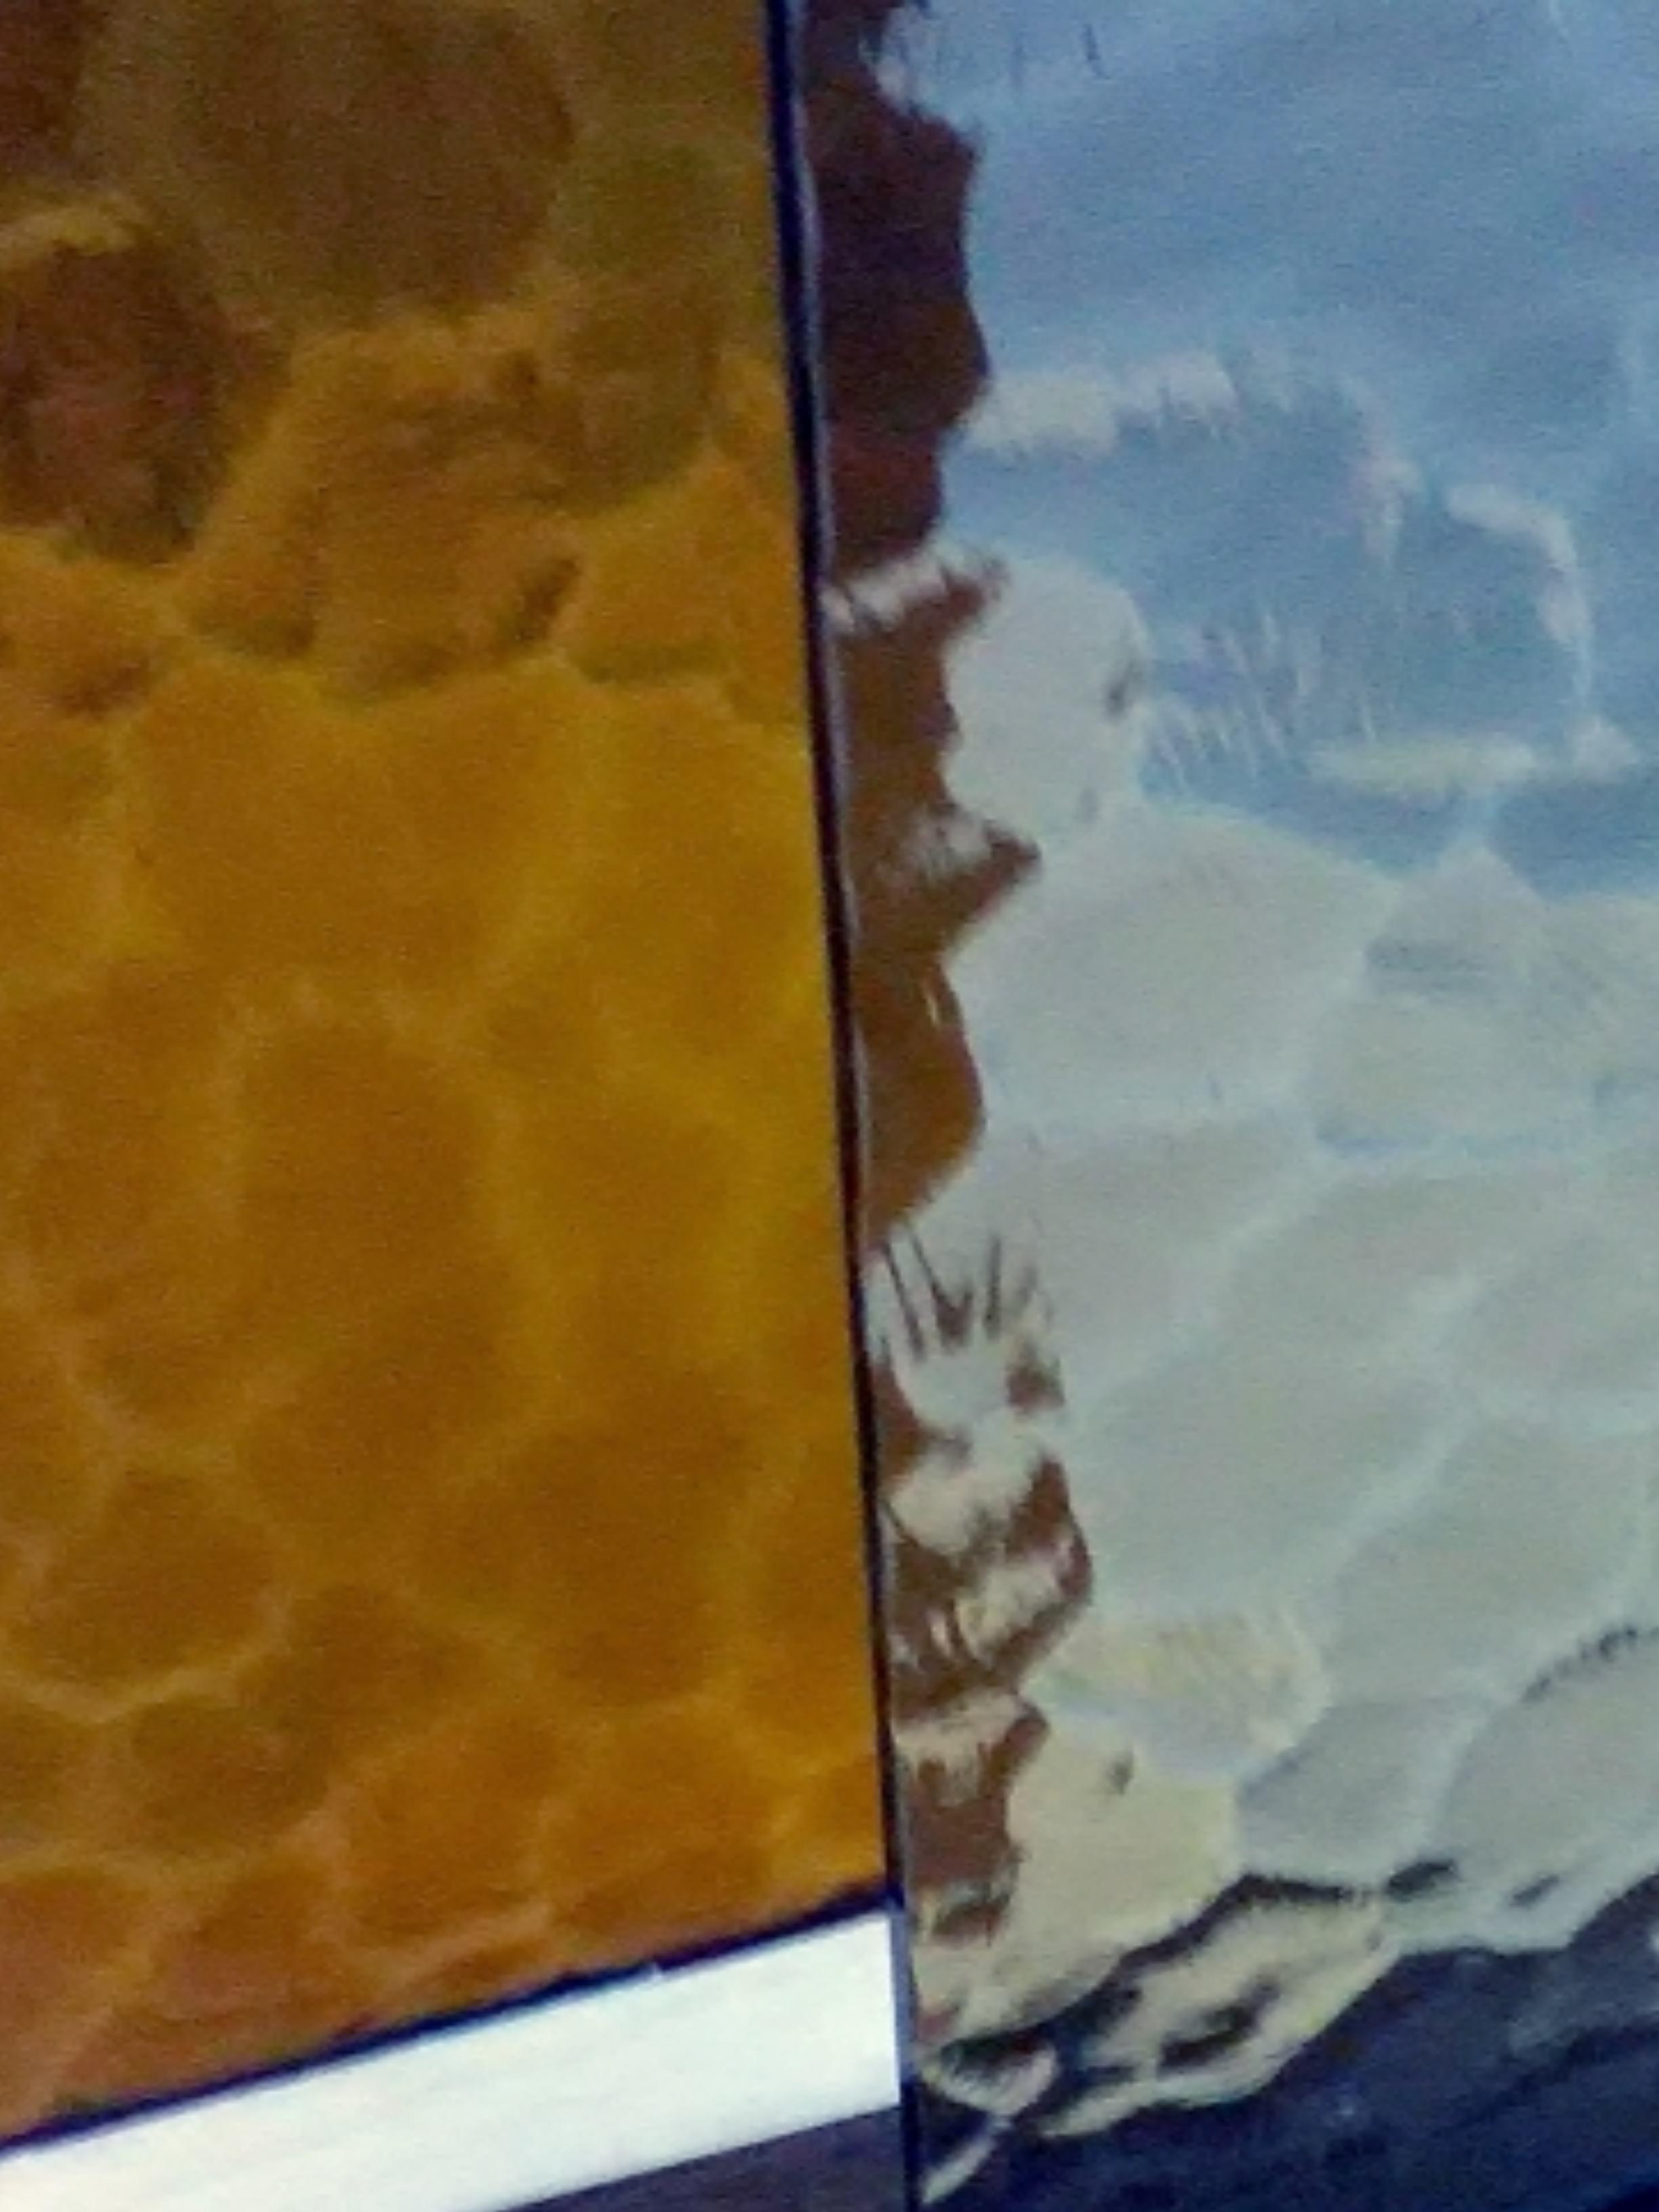 стекло рифлёное узорчатое